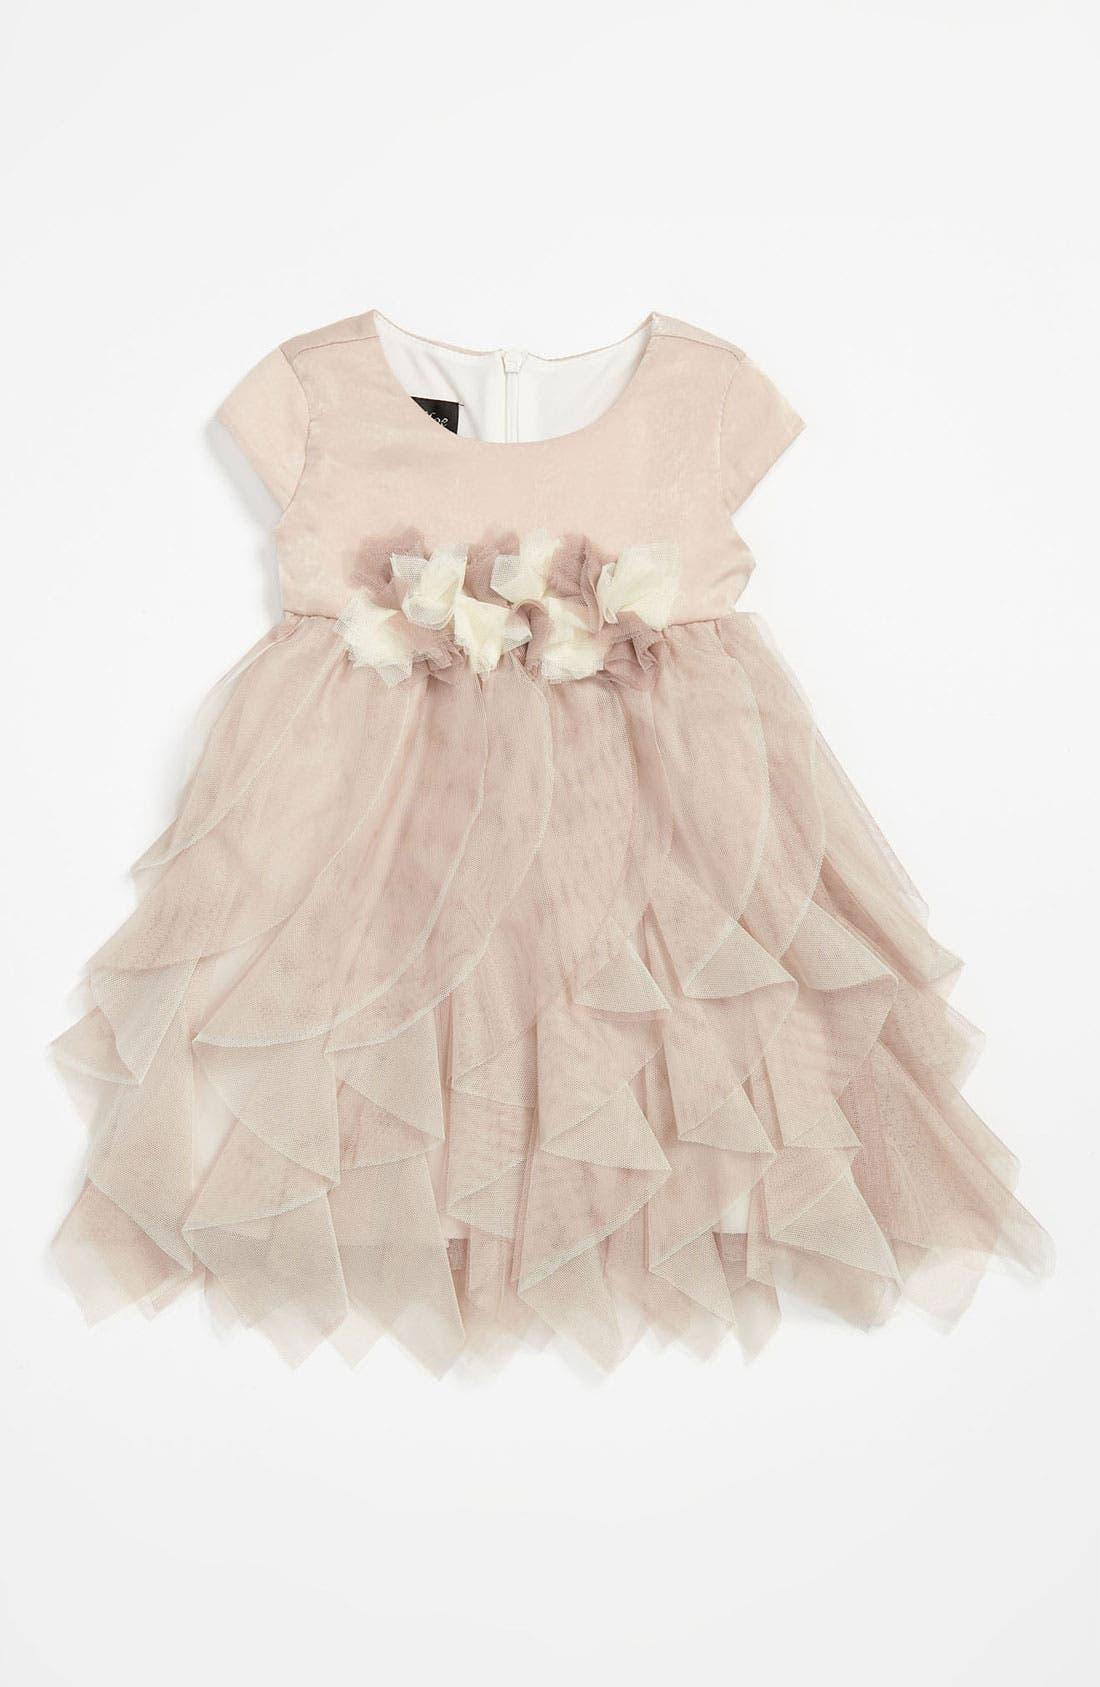 Alternate Image 1 Selected - Isobella & Chloe 'Pixie' Dress (Toddler)